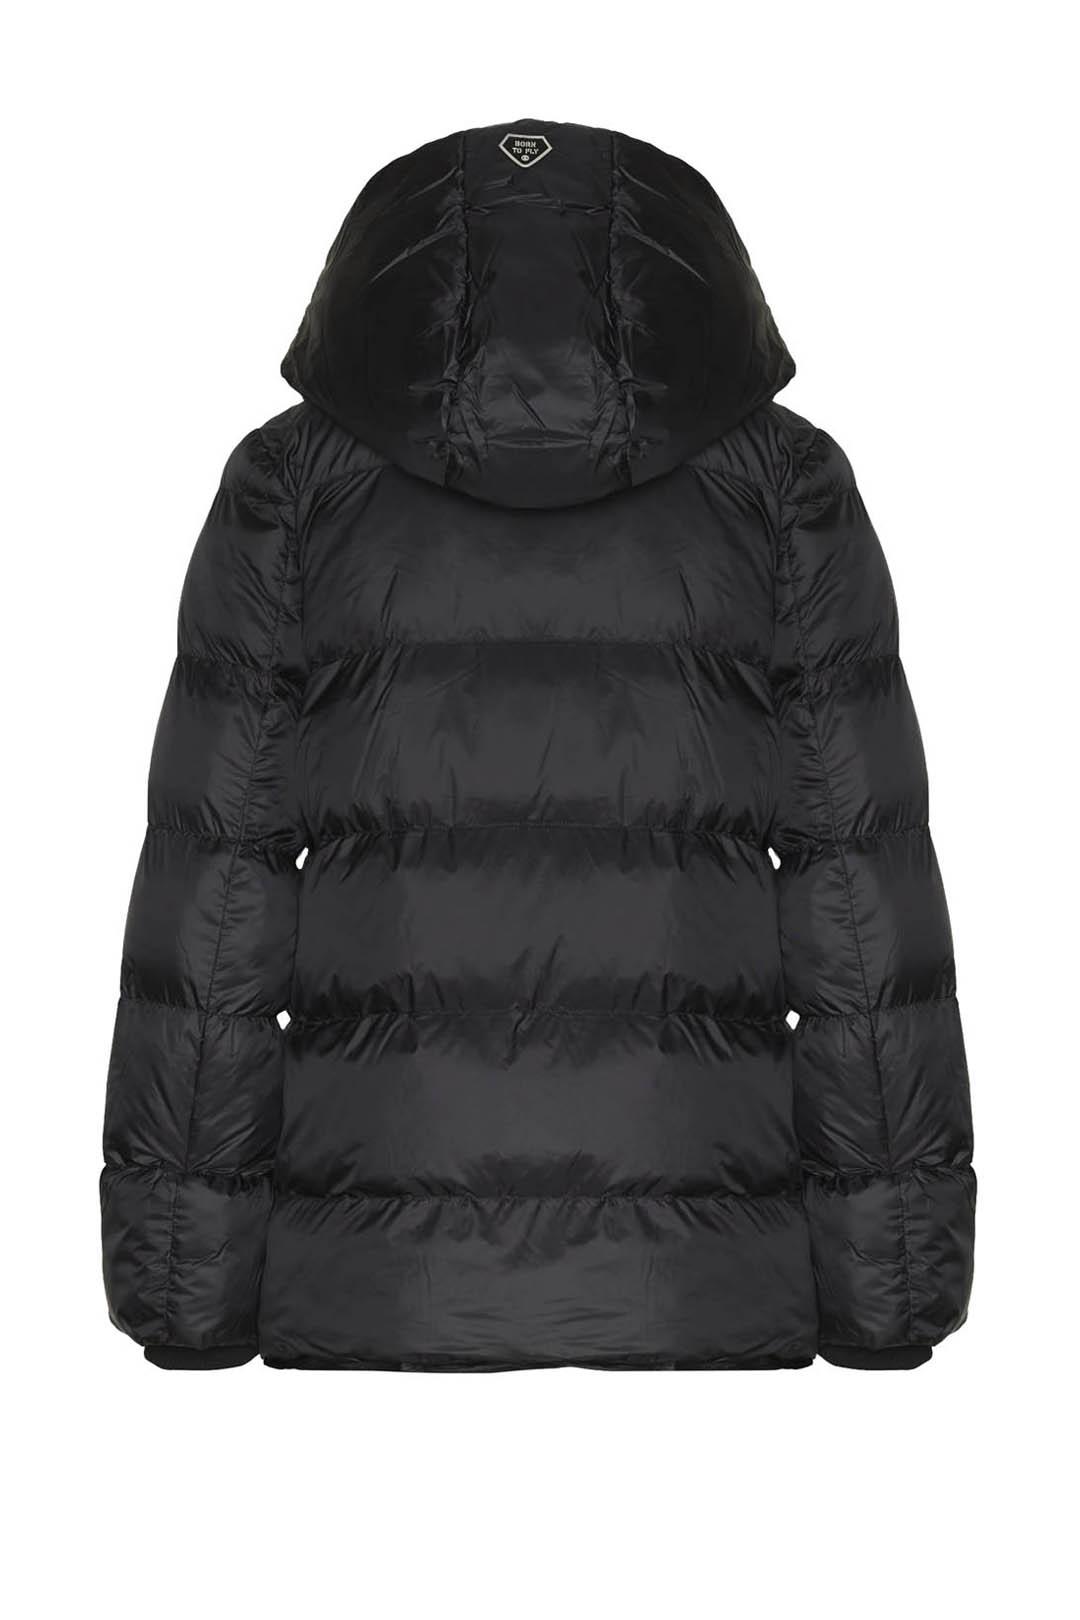 Two-tone padded jacket                   2